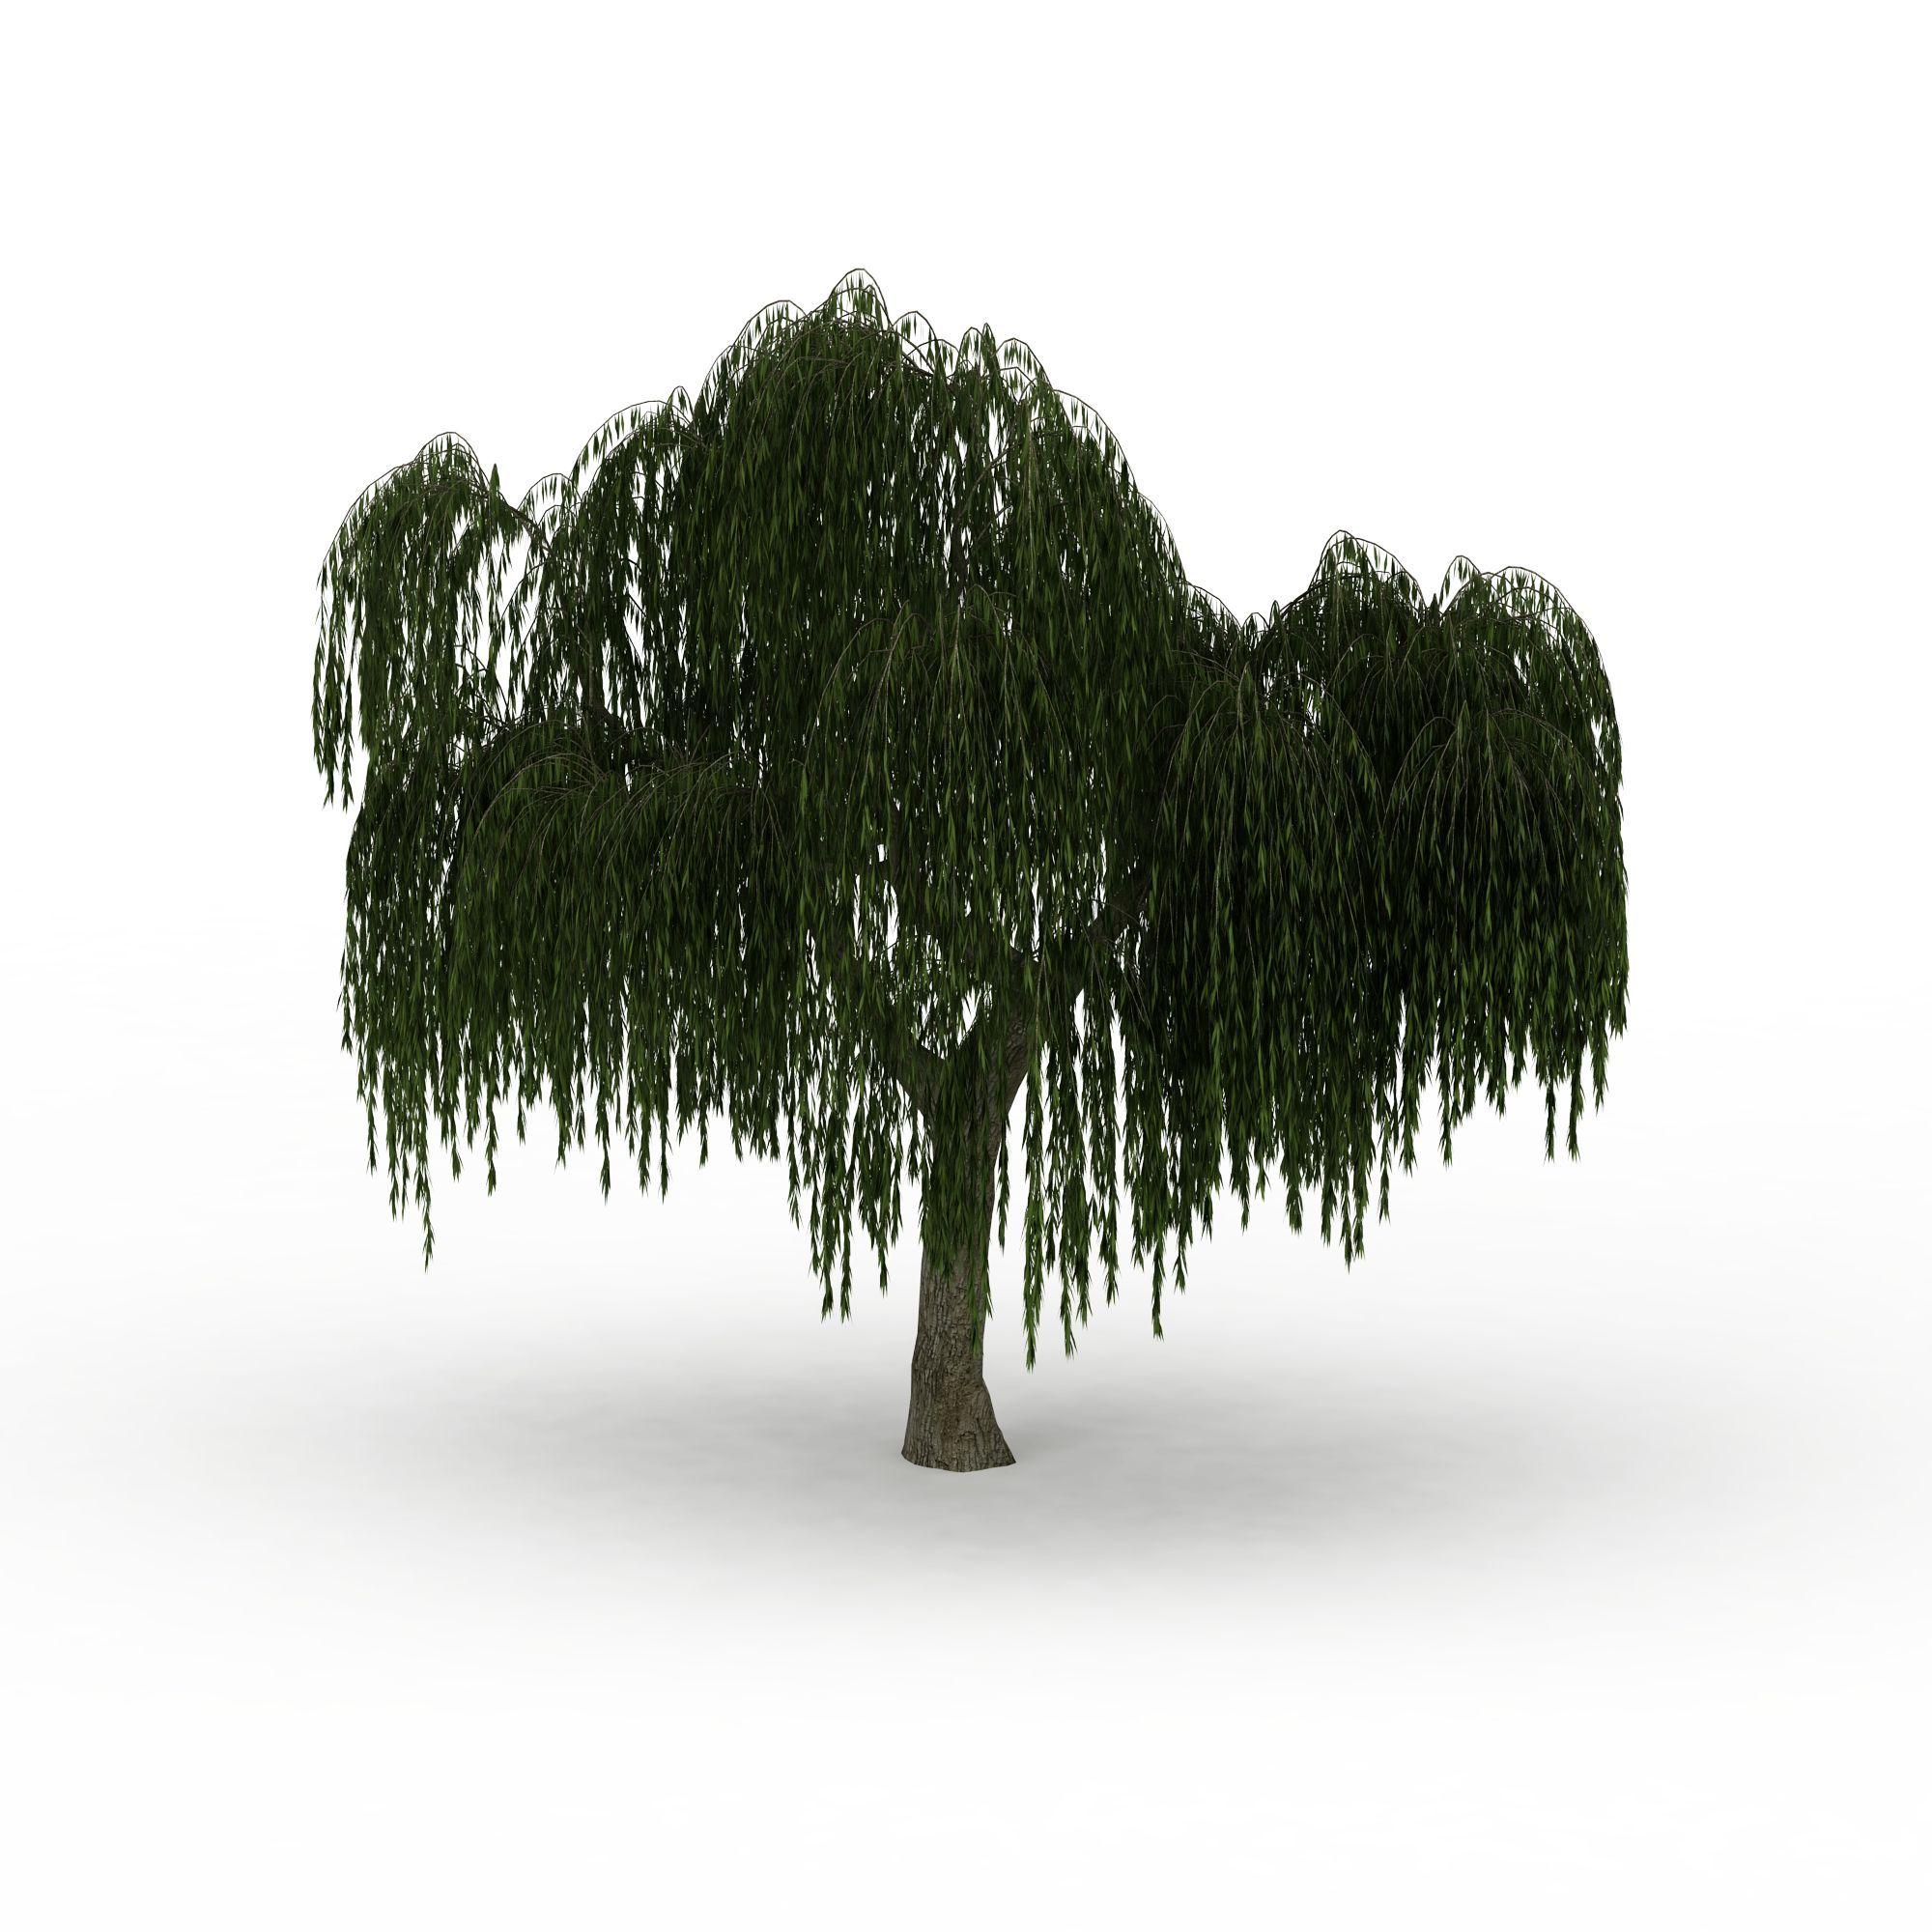 茂盛柳树png高清图片下载